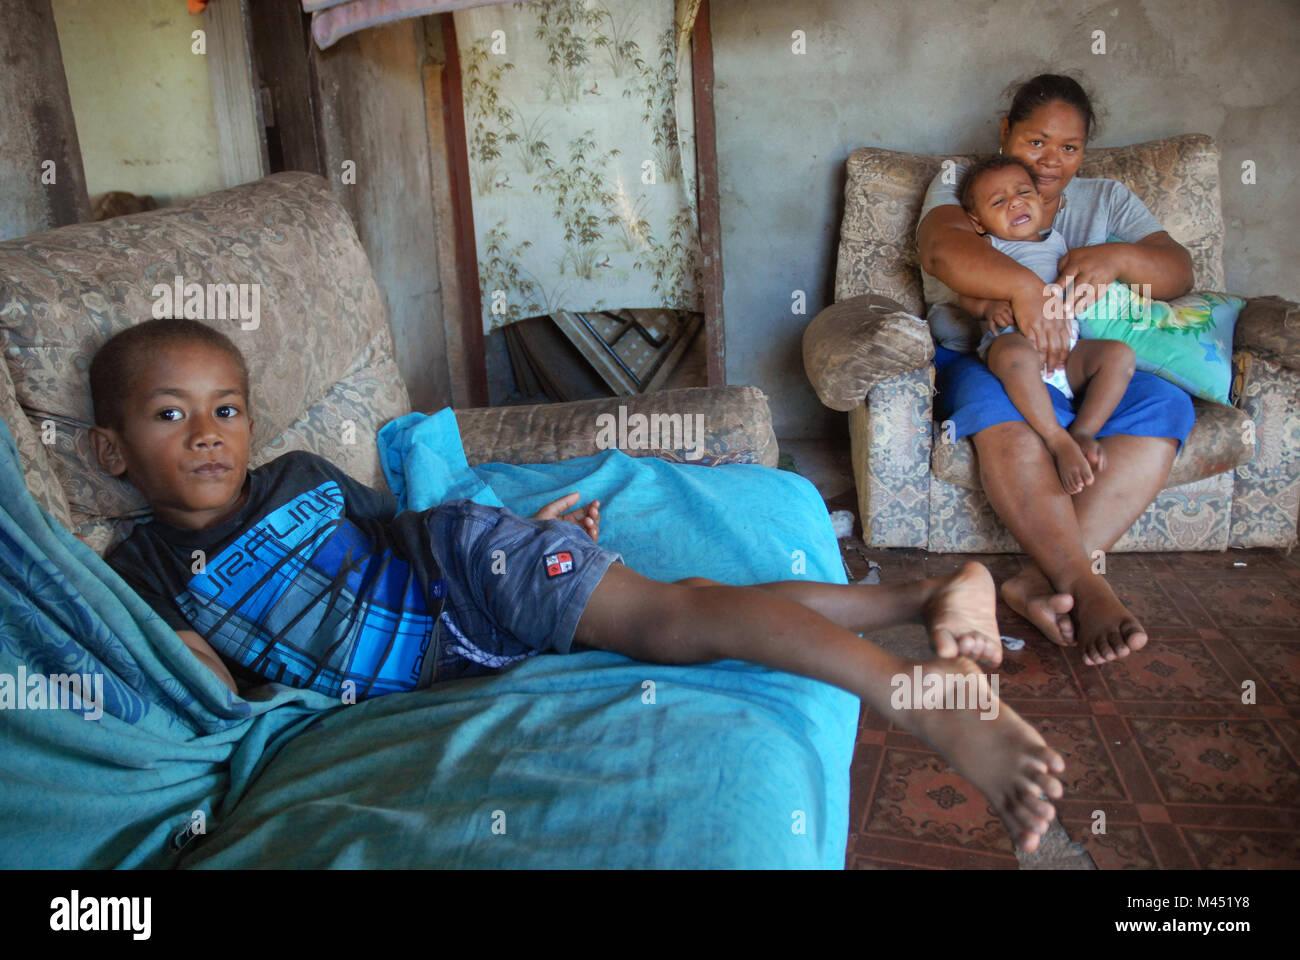 A mum and her 2 young children at home, Rakiraki, Fiji. Stock Photo